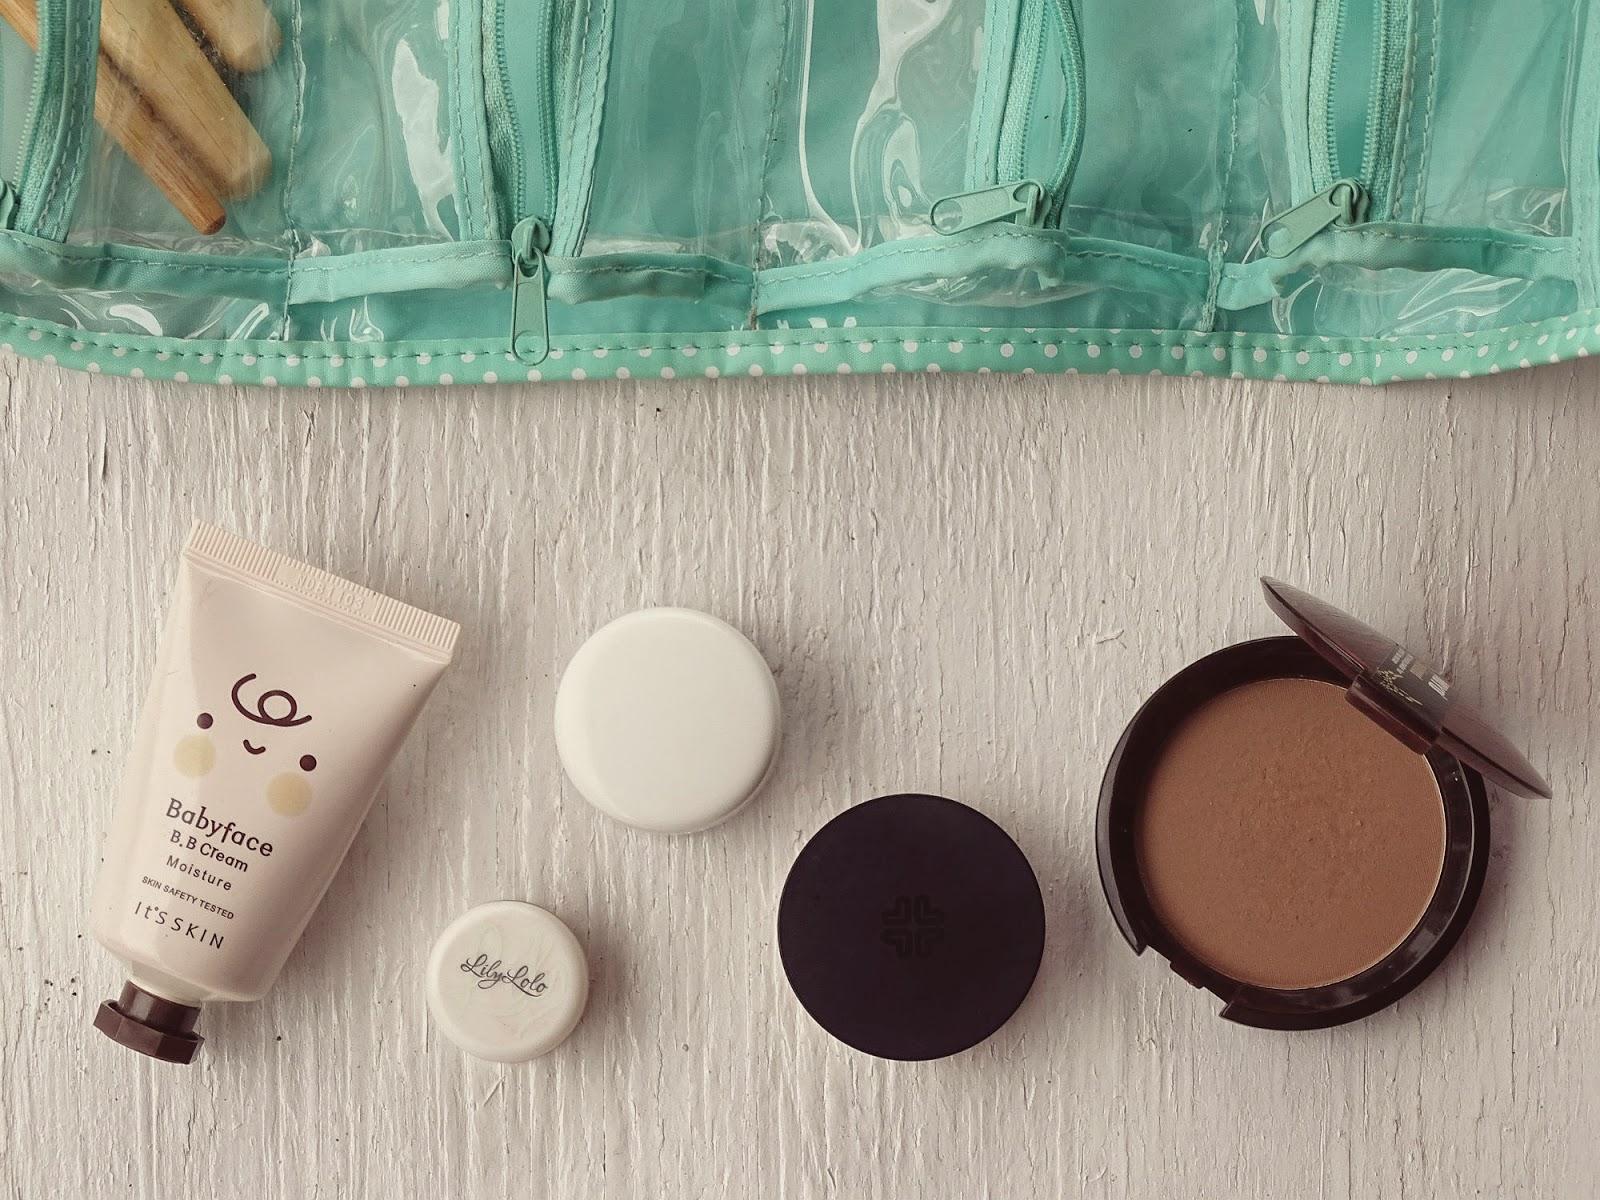 jak spakować się na wyjazd kosmetyki